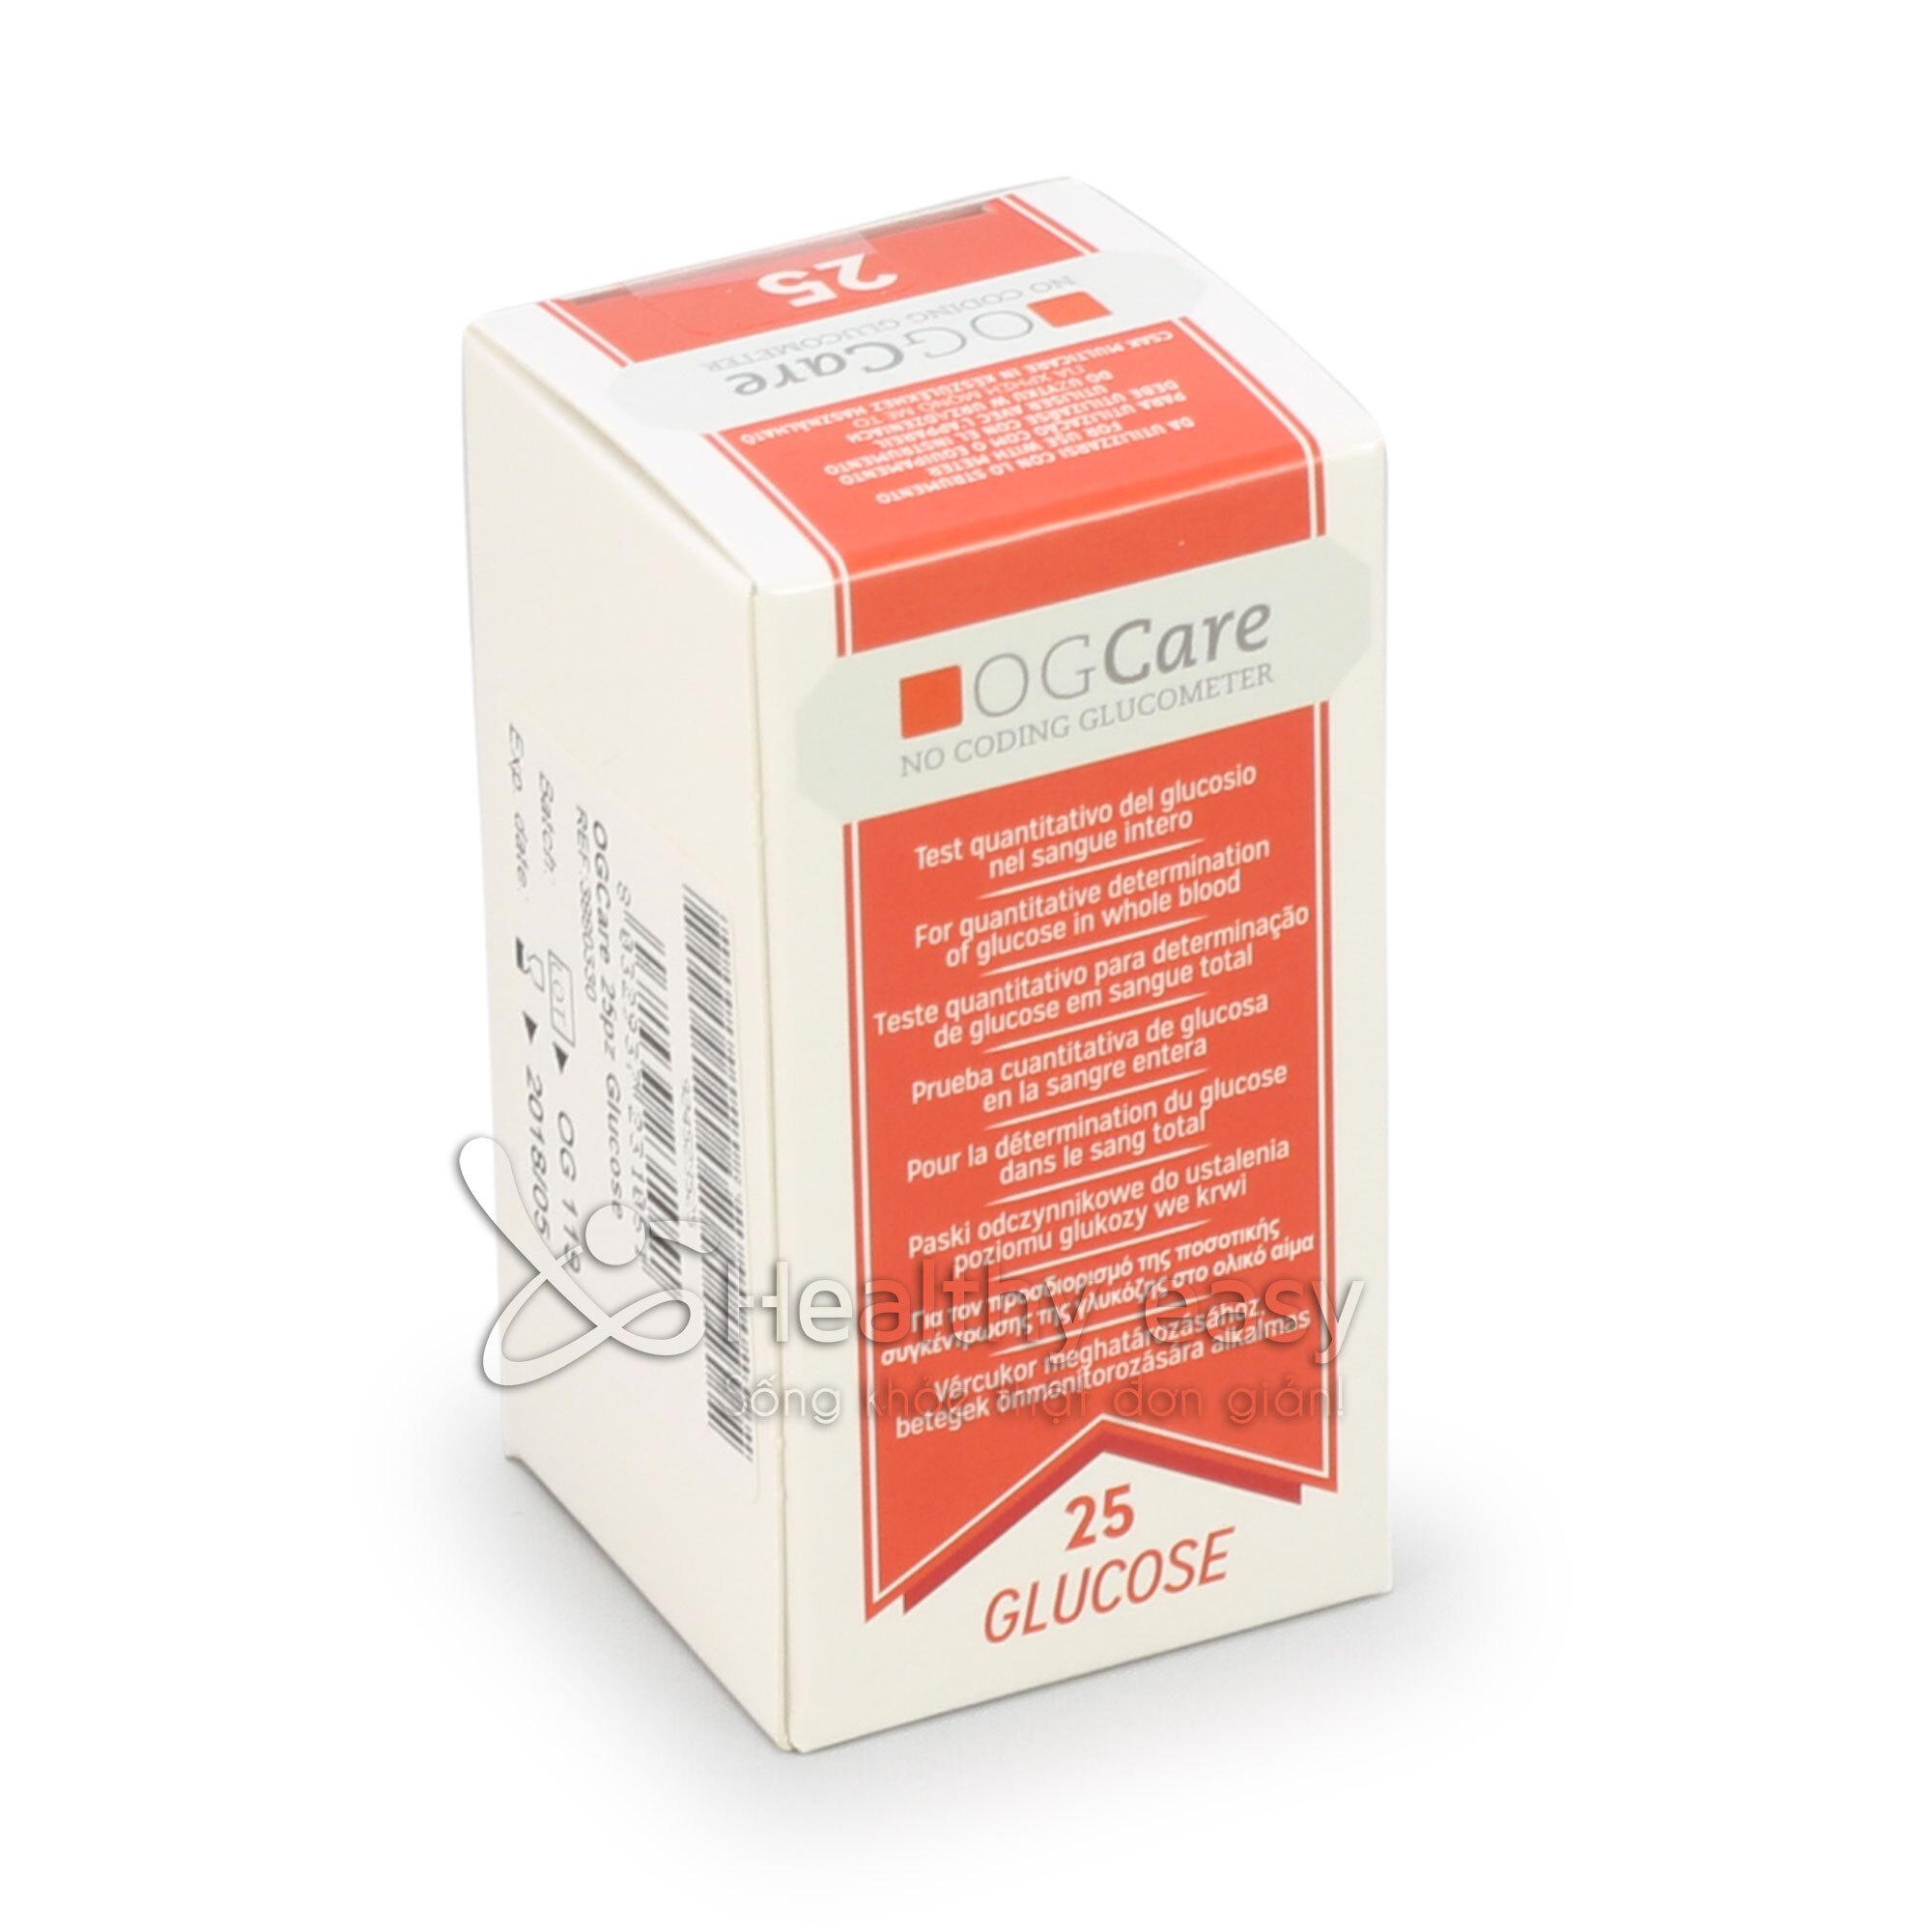 Que thử đường huyết OG-Care